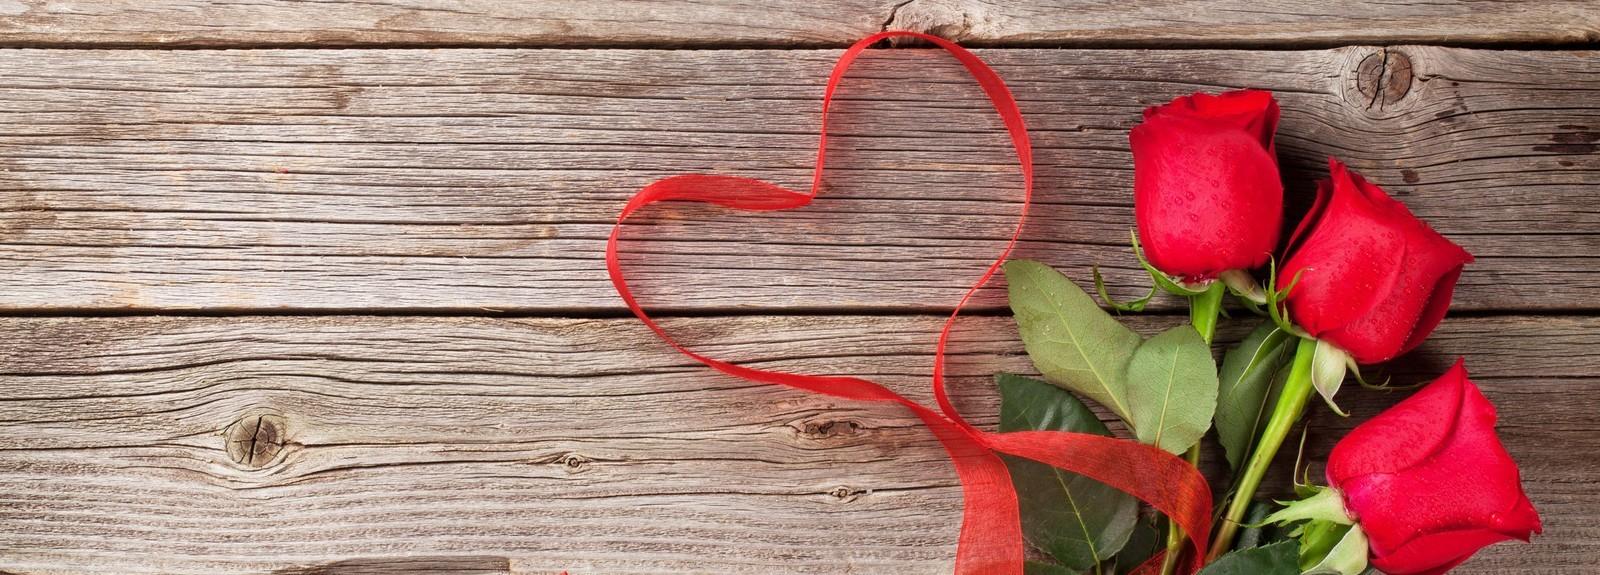 Las mejores flores para regalar en San Valentín